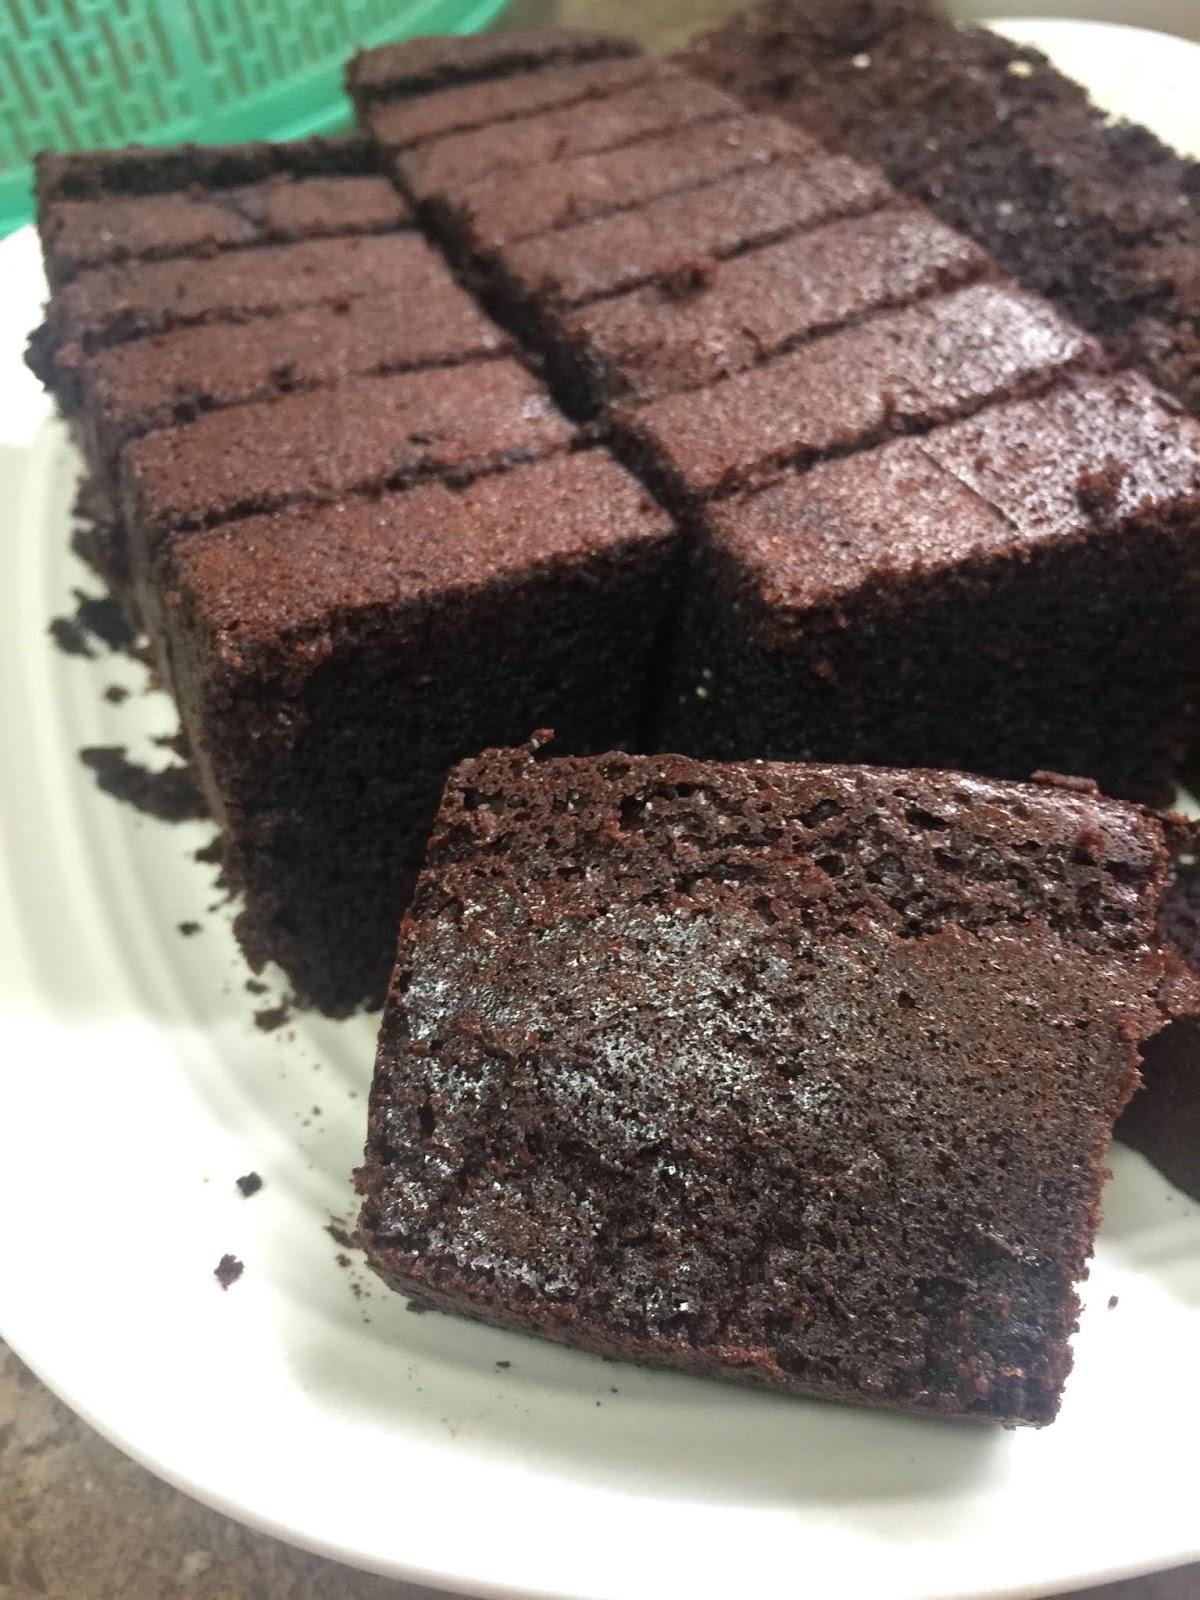 resepi kek coklat, kek coklat moist sedap,  resepi mudah disediakan, kek coklat